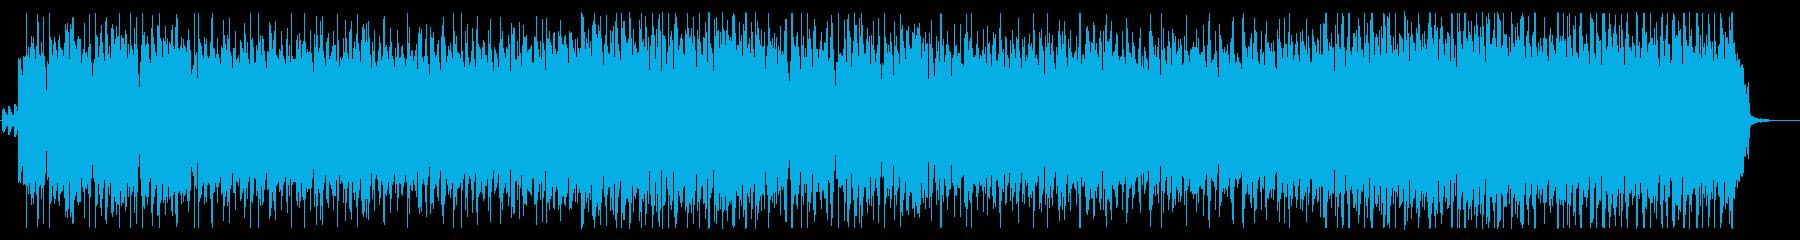 【ハロウィン】怪しげで賑やかなBGMの再生済みの波形